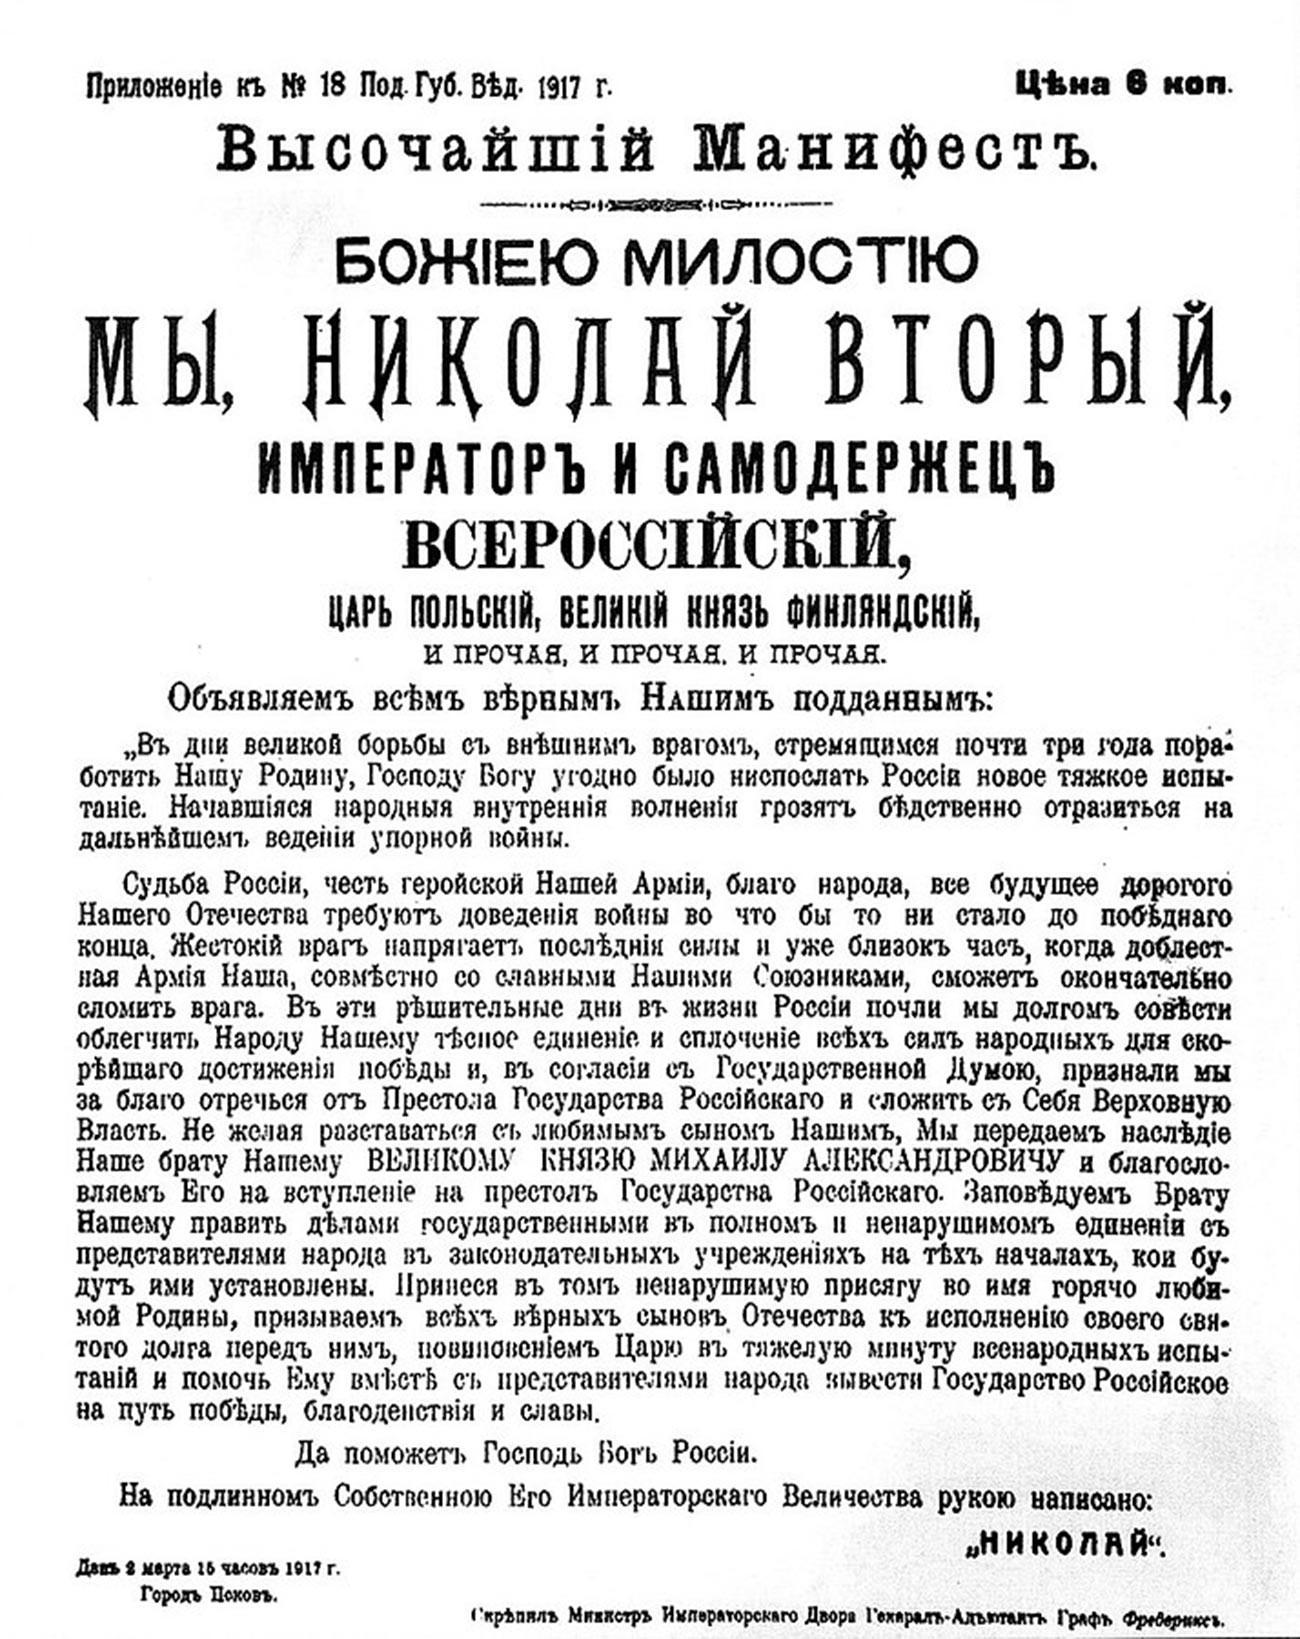 Manifeste d'abdication du trône de Nicolas II